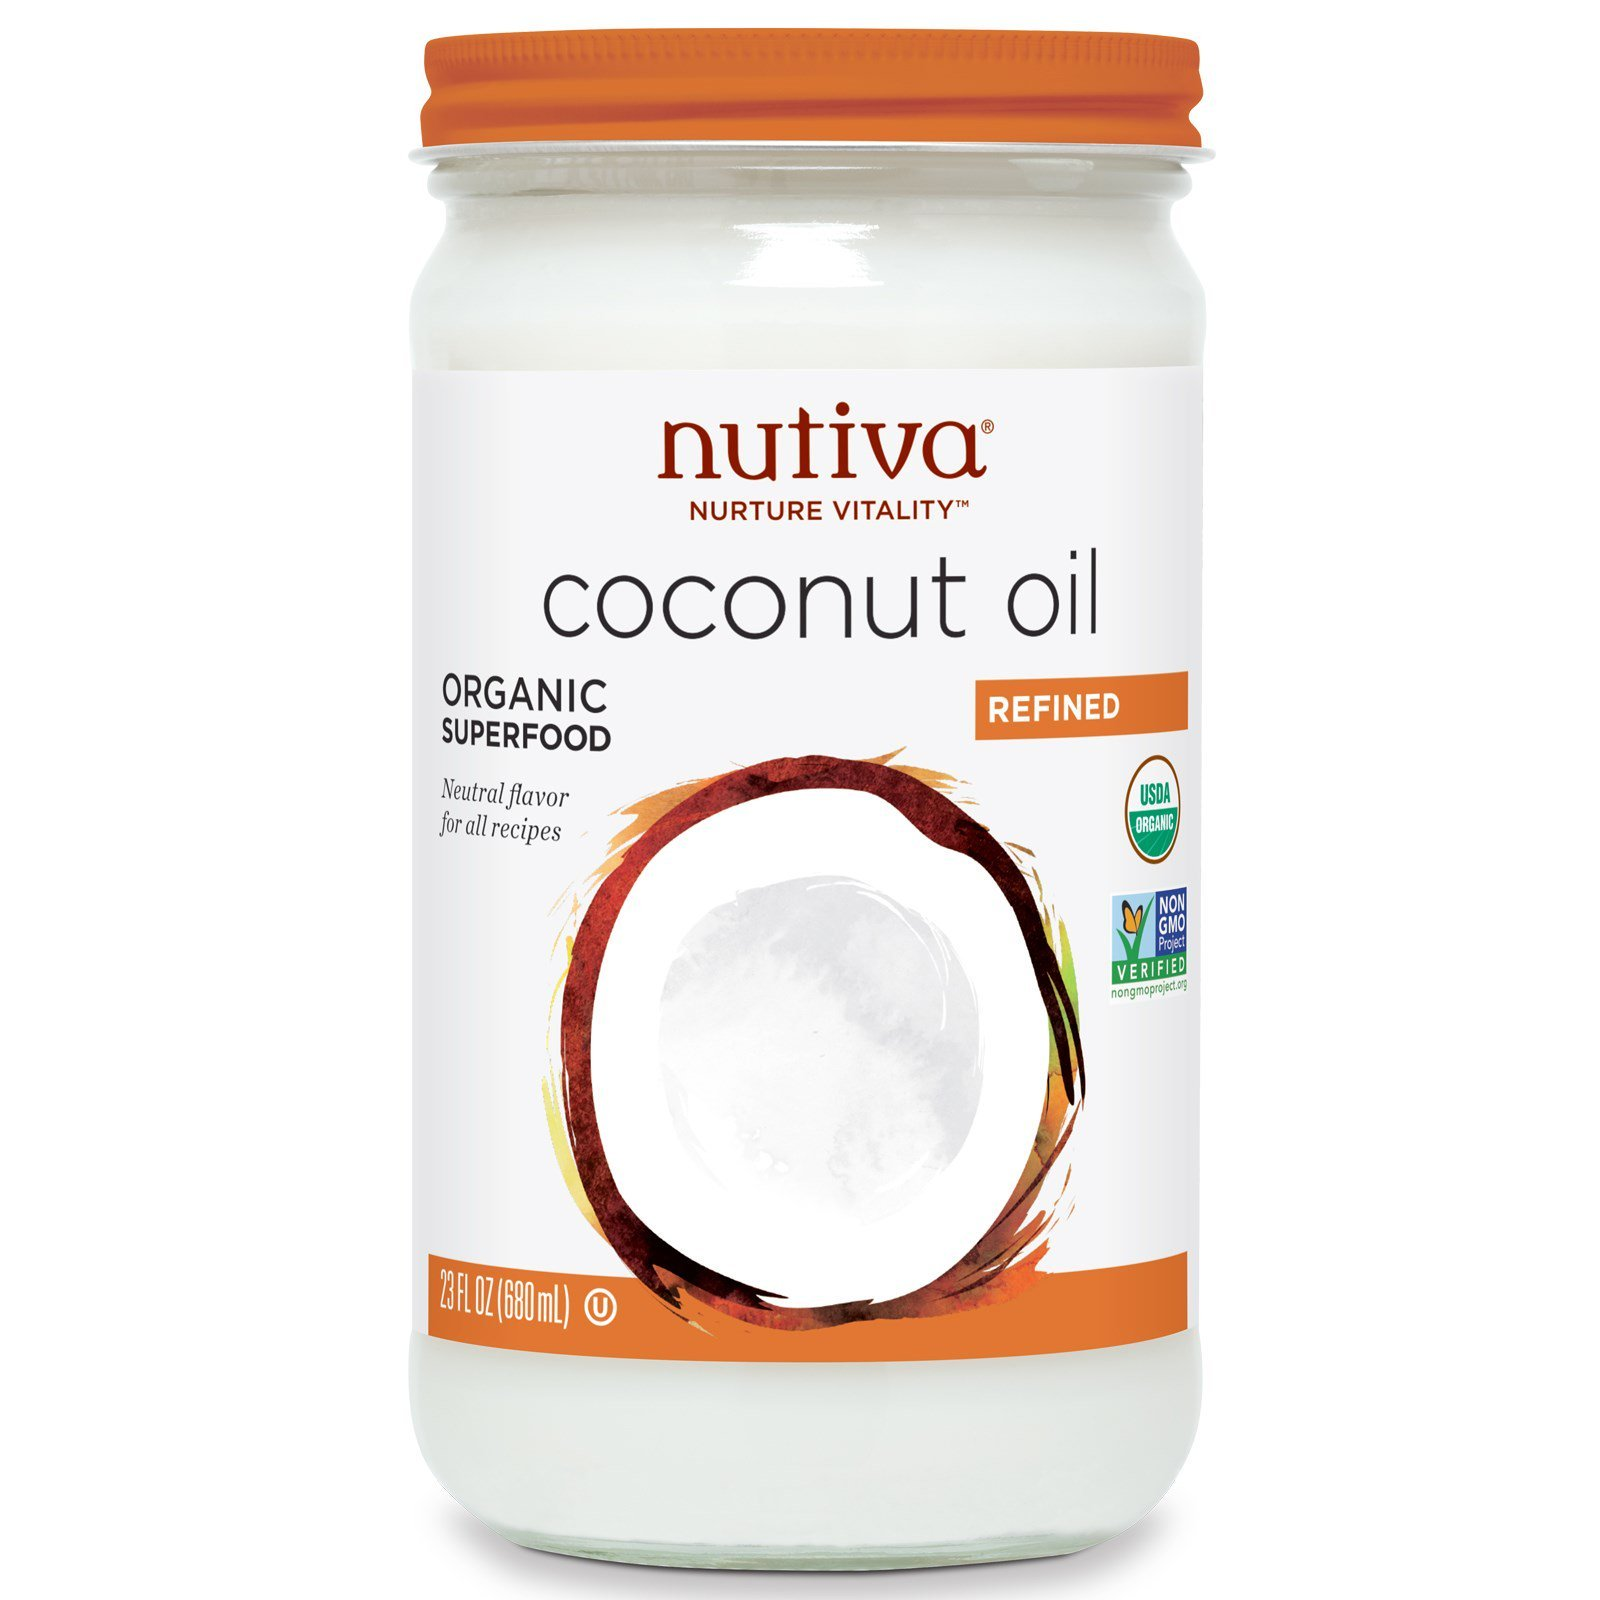 Nutiva Refined Coconut Oil, 23 Ounce